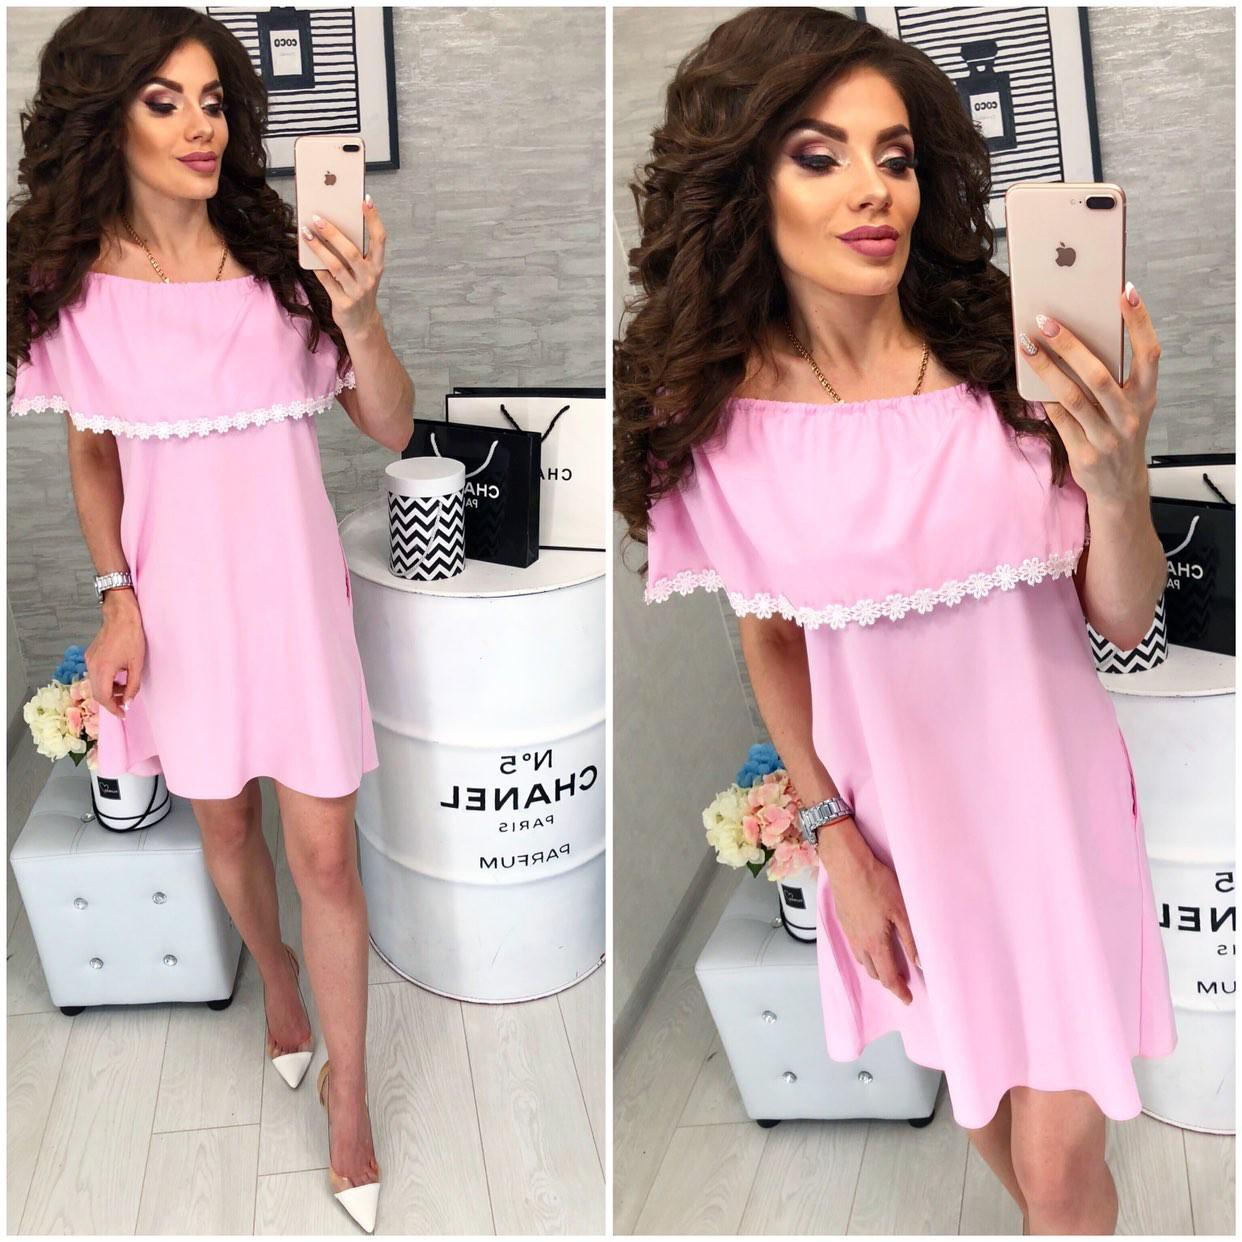 Сукня, модель 786, колір - рожевий